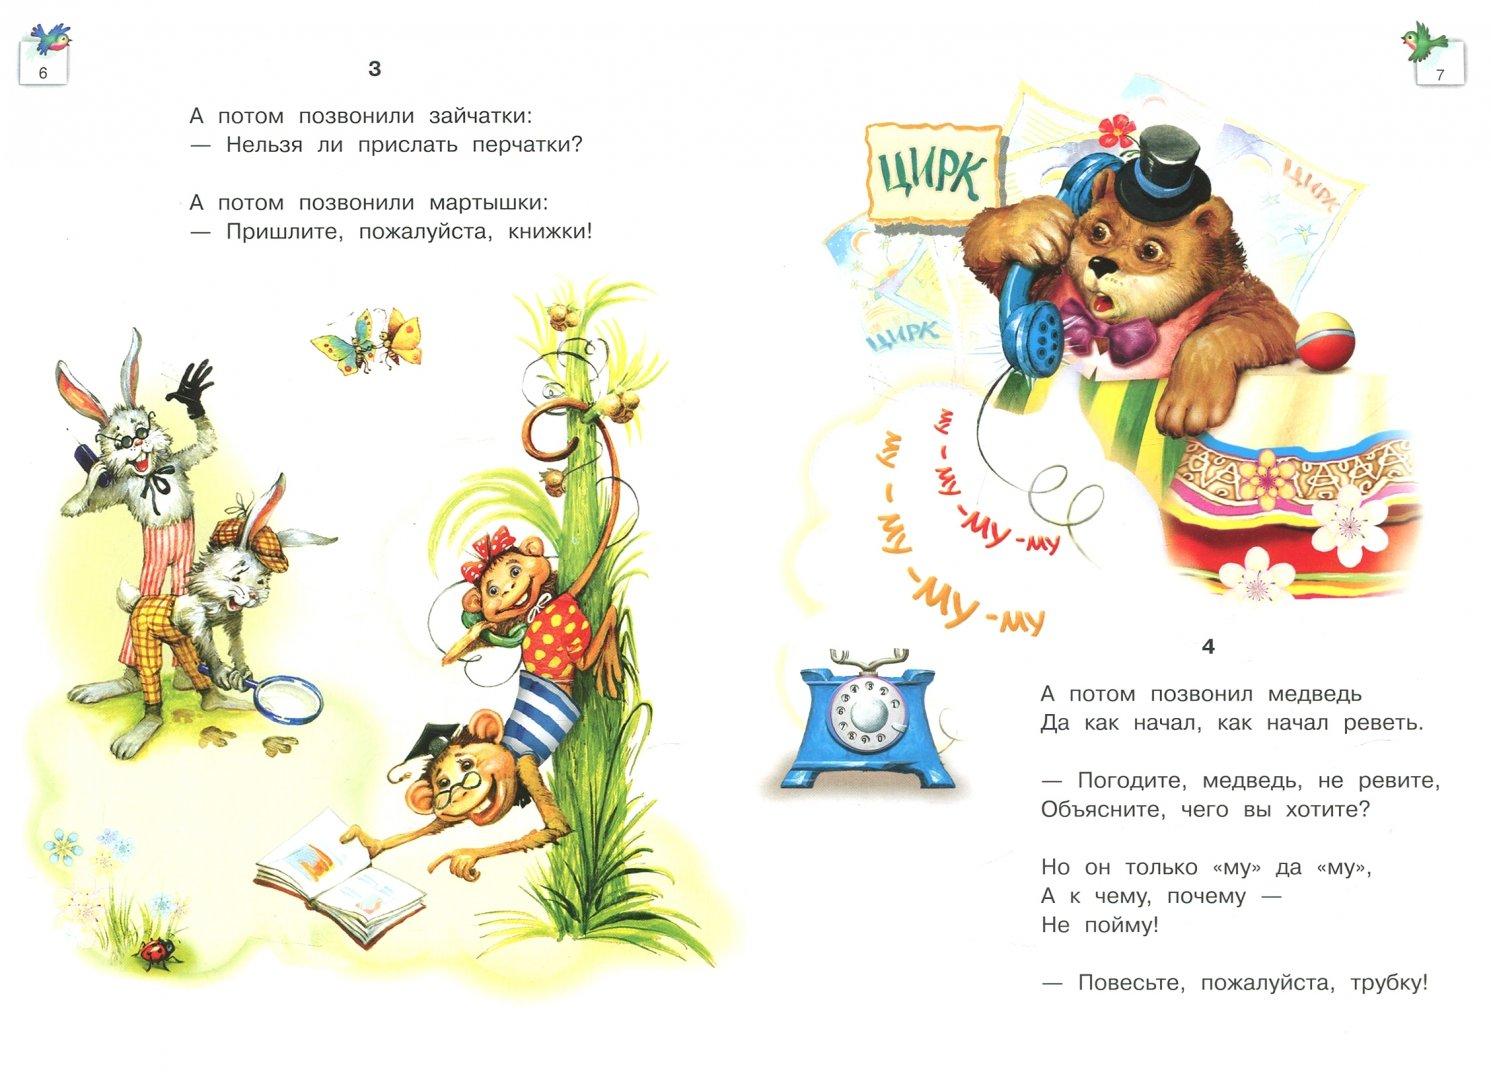 Иллюстрация 1 из 9 для Телефон - Корней Чуковский | Лабиринт - книги. Источник: Лабиринт